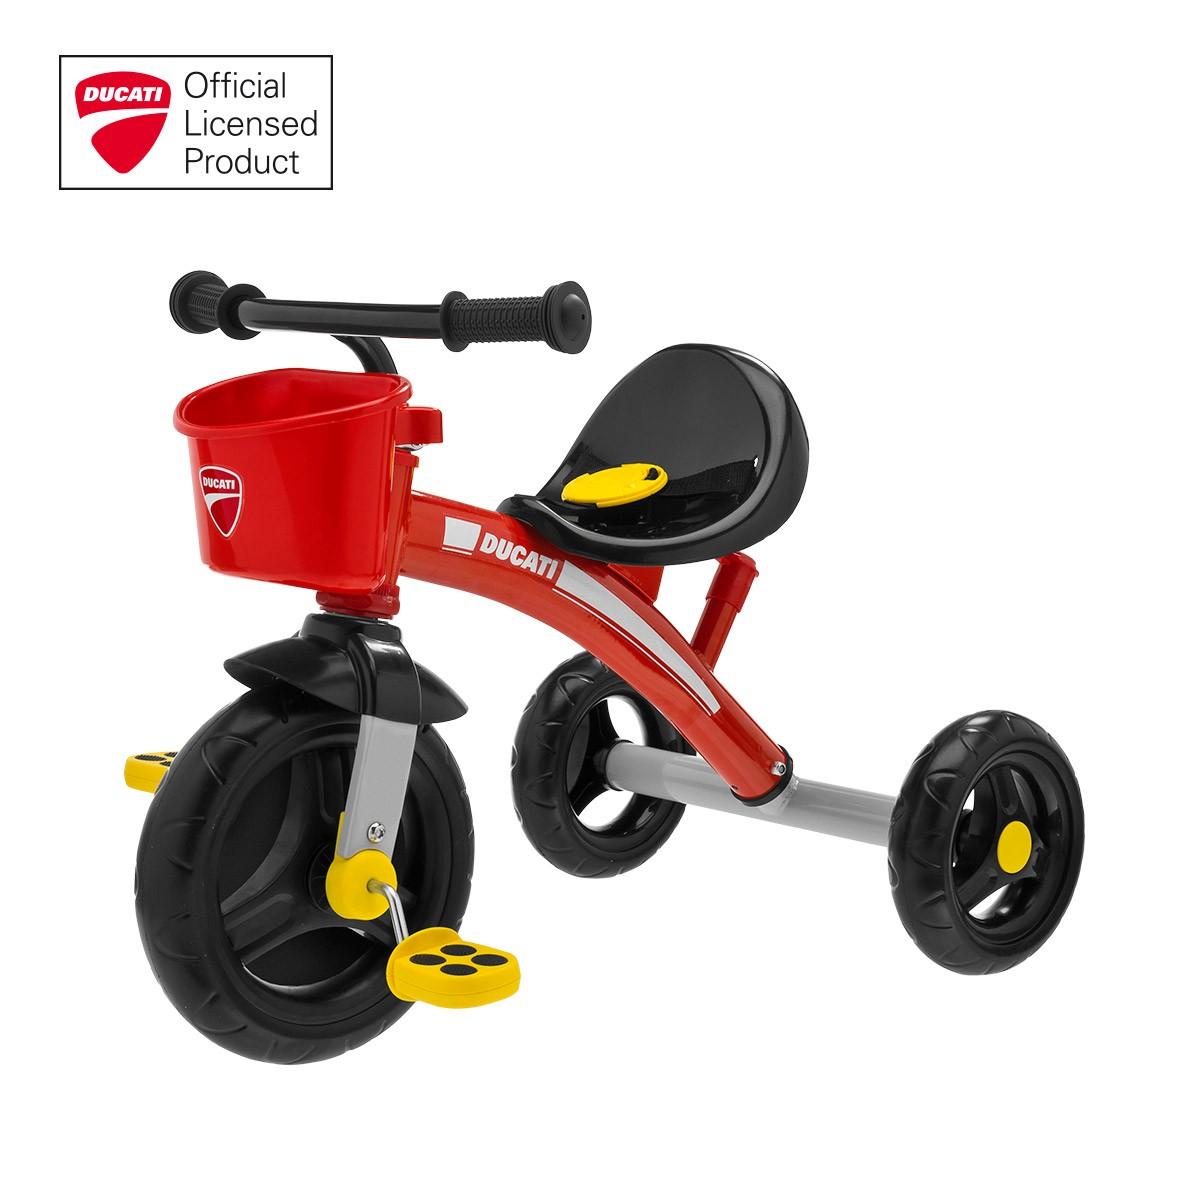 Image of Triciclo U-go Rosso Ducati CHICCO 18M+